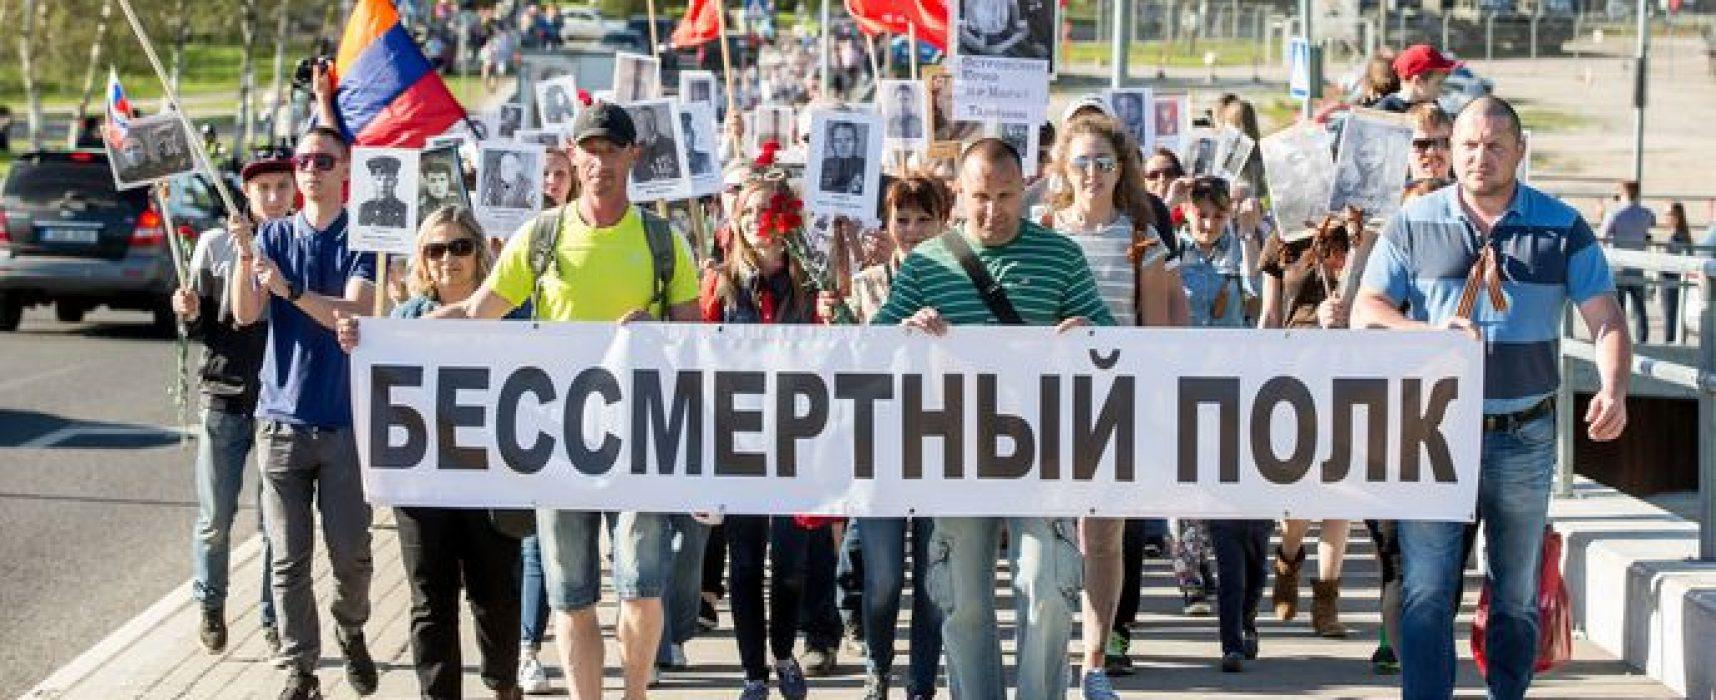 Кремлівська пропаганда в Естонії як зброя дестабілізації